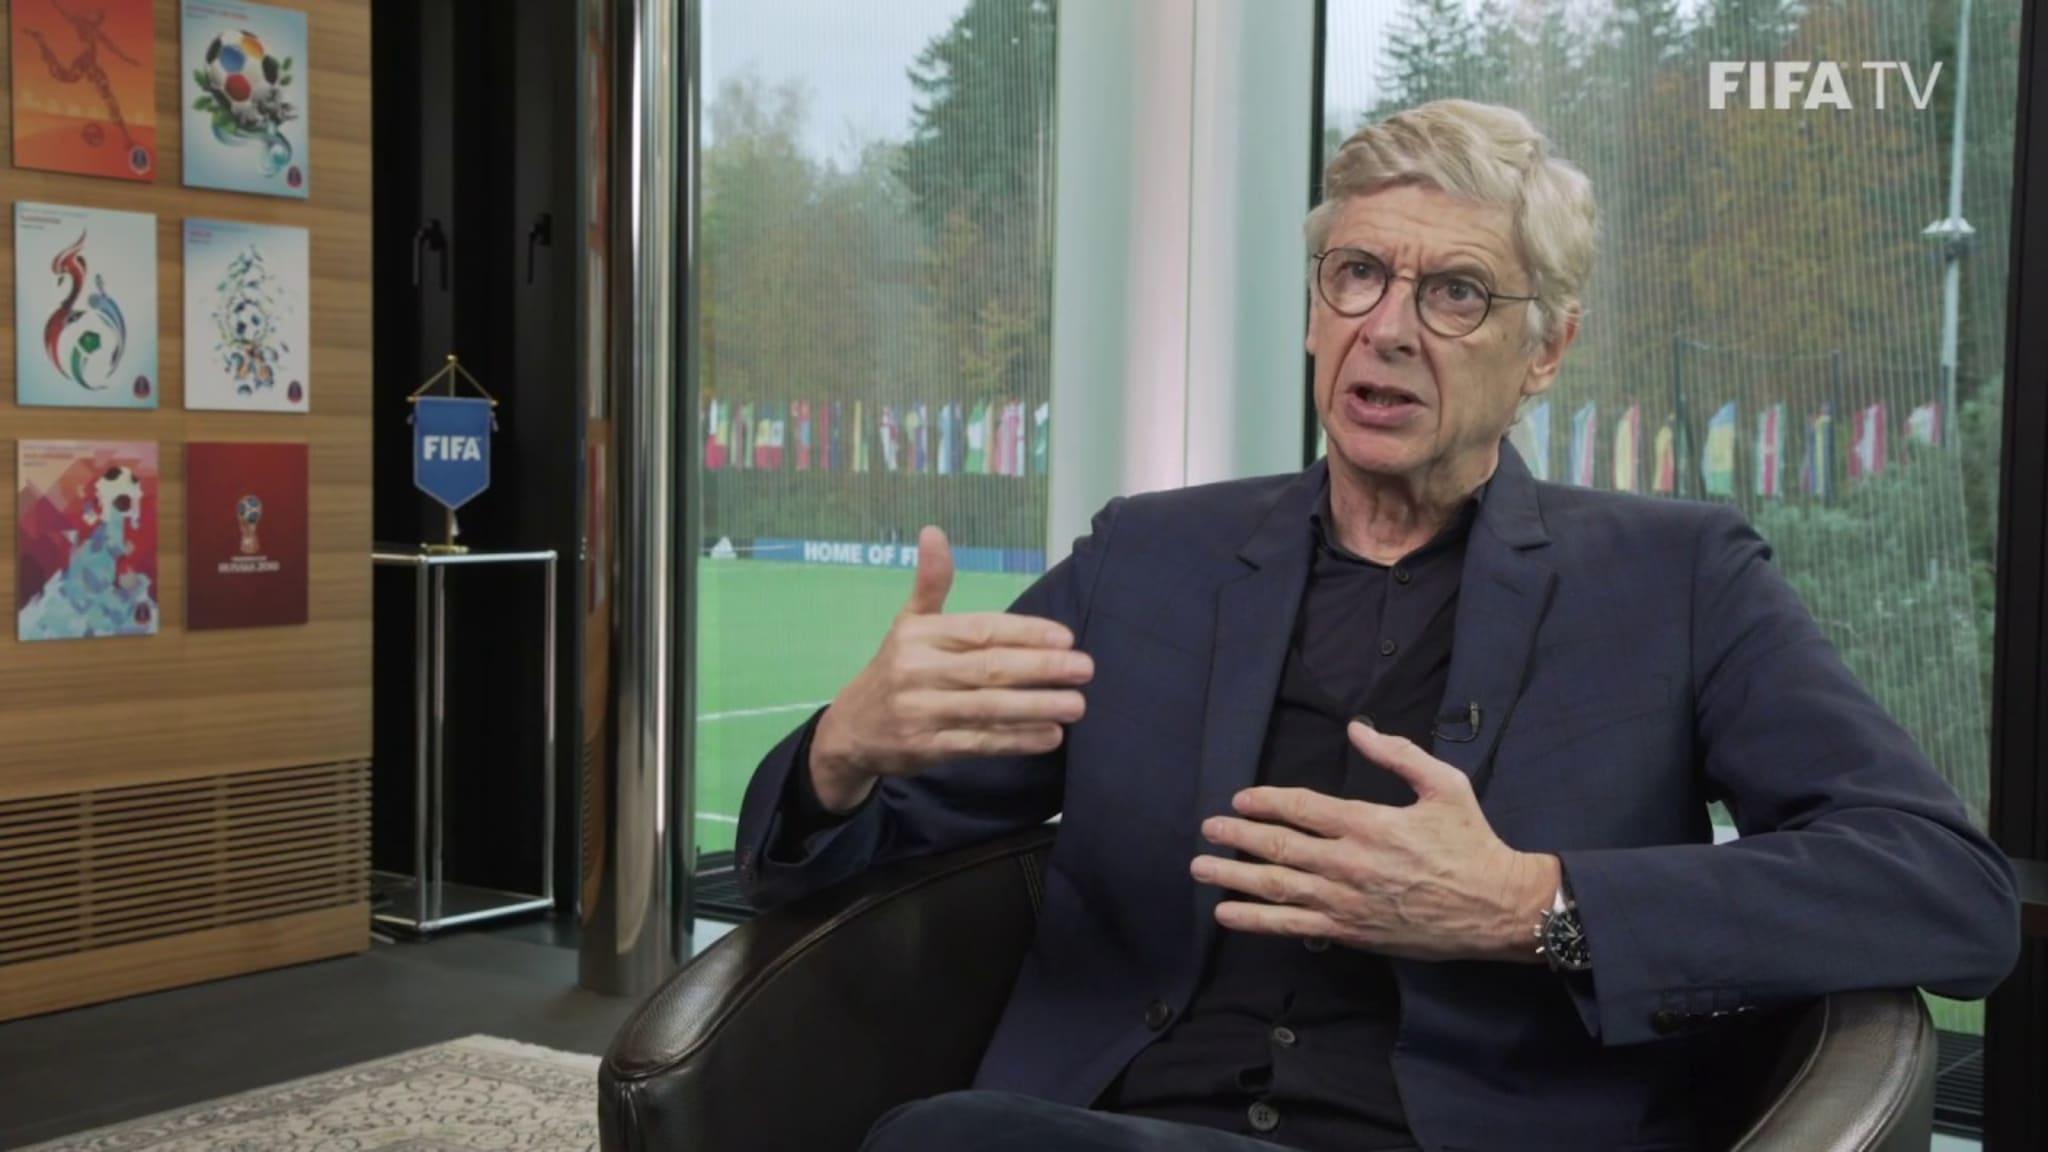 Përgatiten ndryshime në futboll, Arsene Wenger shpjegon se çfarë do të ndodhë